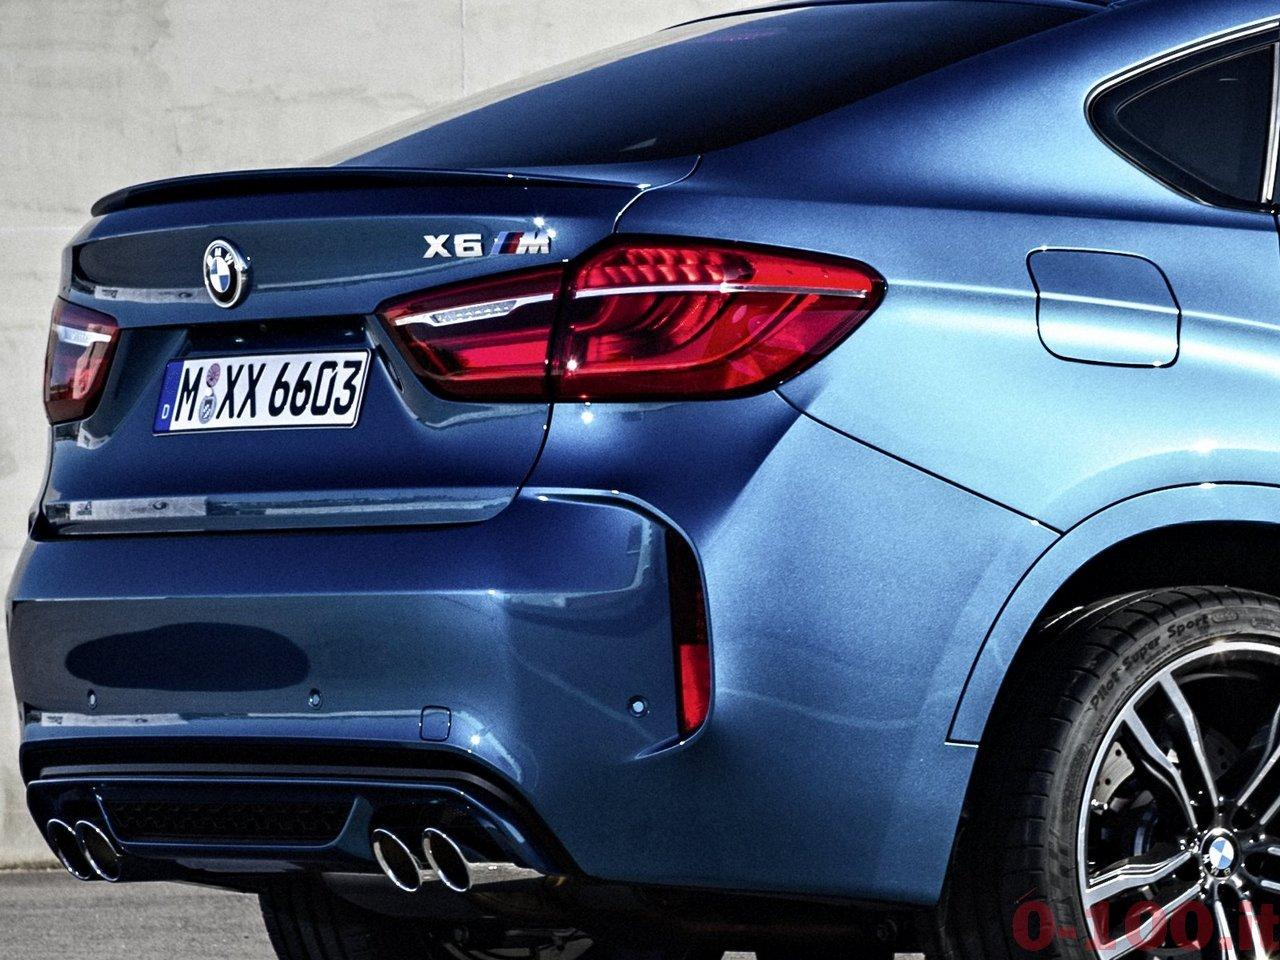 BMW-X5-M-X6-M-2015-0-100_45